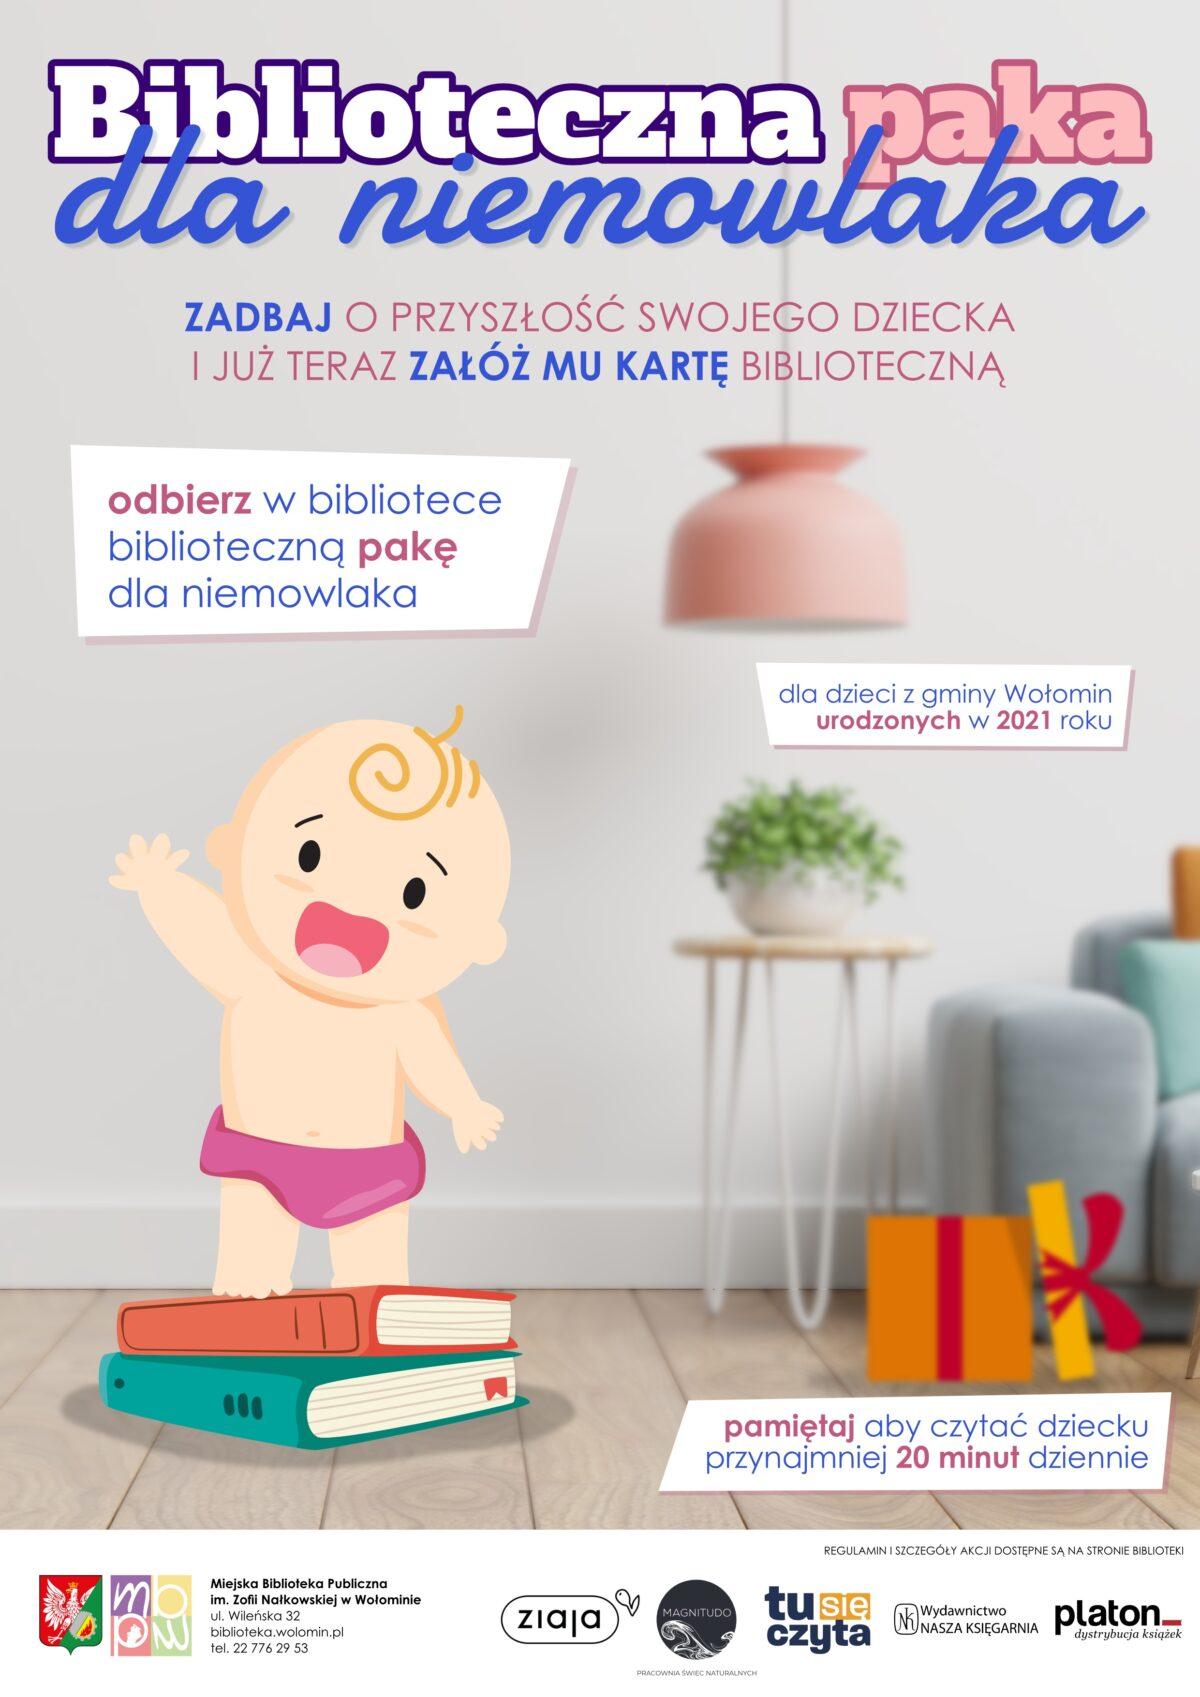 Biblioteczna paka dla niemowlaka. Zadbaj o przyszłość swojego dziecka i już teraz załóż mu kartę biblioteczną. Odbierz w bibliotece biblioteczną pakę dla niemowlaka. Dla dzieci z gminy Wołomin urodzonych w 2021 roku. Pamiętaj aby czytać dziecku przynajmniej 20 minut dziennie. Regulamin i szczegóły akcji dostępne na stronie biblioteki. Partnerzy akcji: Ziaja, Magnitudo - Pracownia Świec Naturalnych, Wydawnictwo Nasza Księgarnia, Platon - dystrybucja książek, Tu się czyta.